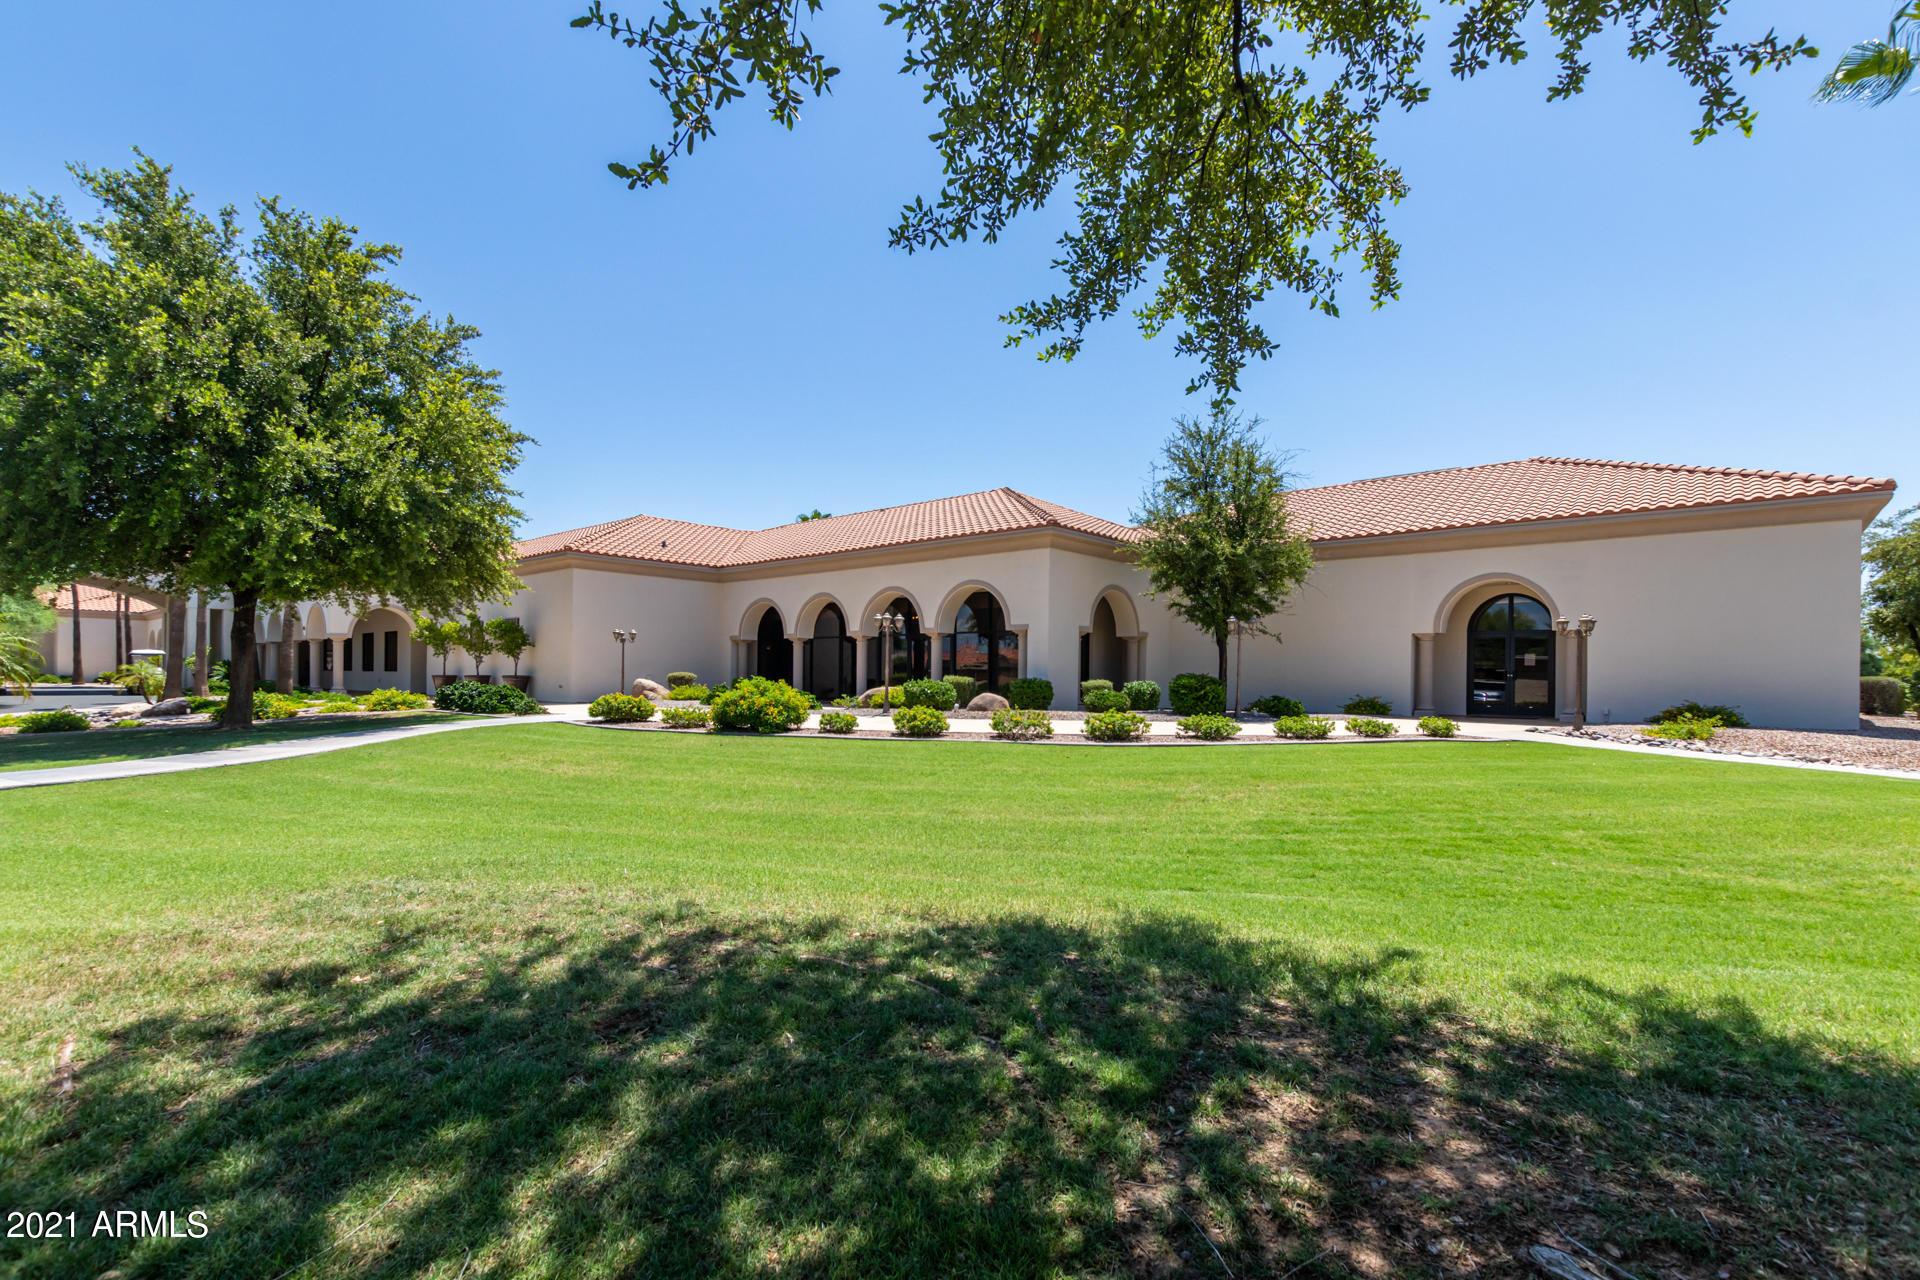 MLS 6270953 3301 S Goldfield Road Unit 5074, Apache Junction, AZ 85119 Apache Junction AZ Gated